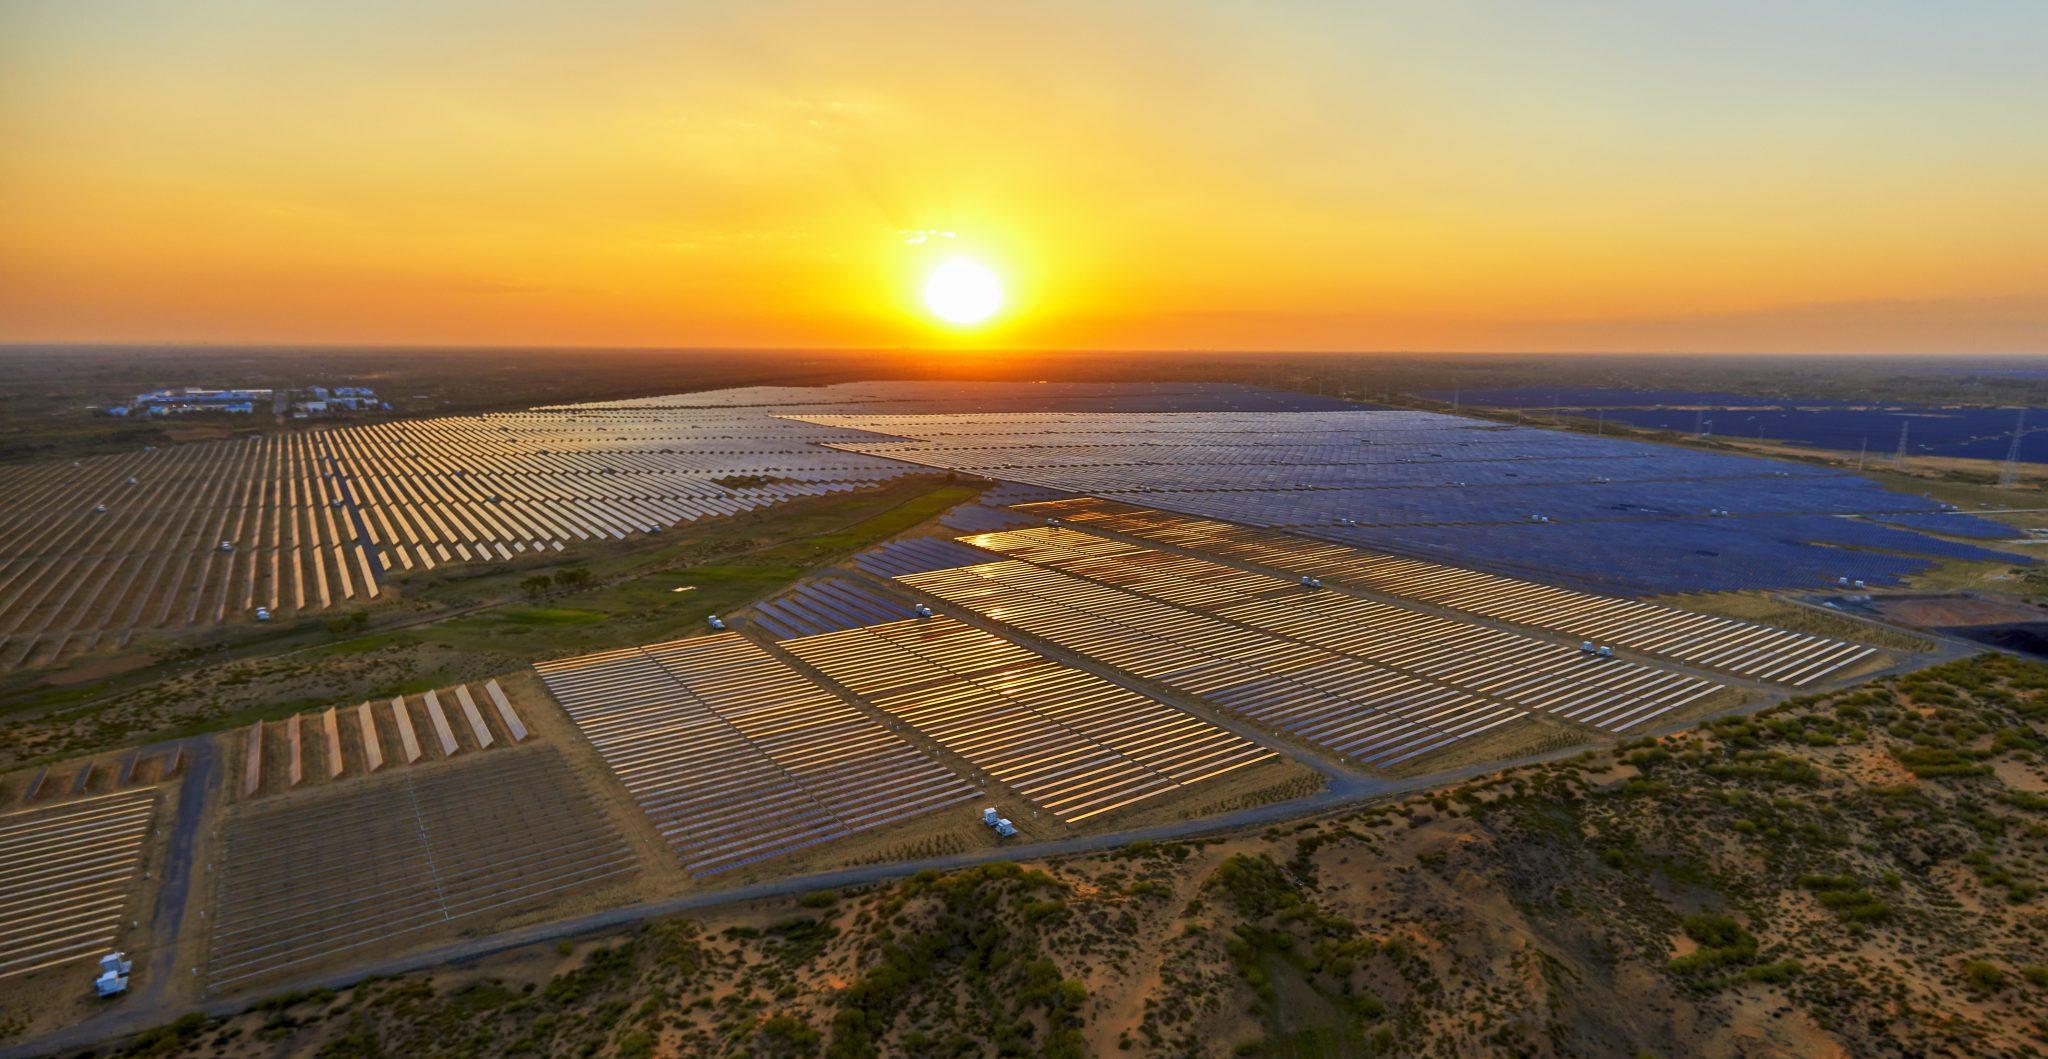 Brasil atrai investimentos e se torna referência em energias renováveis